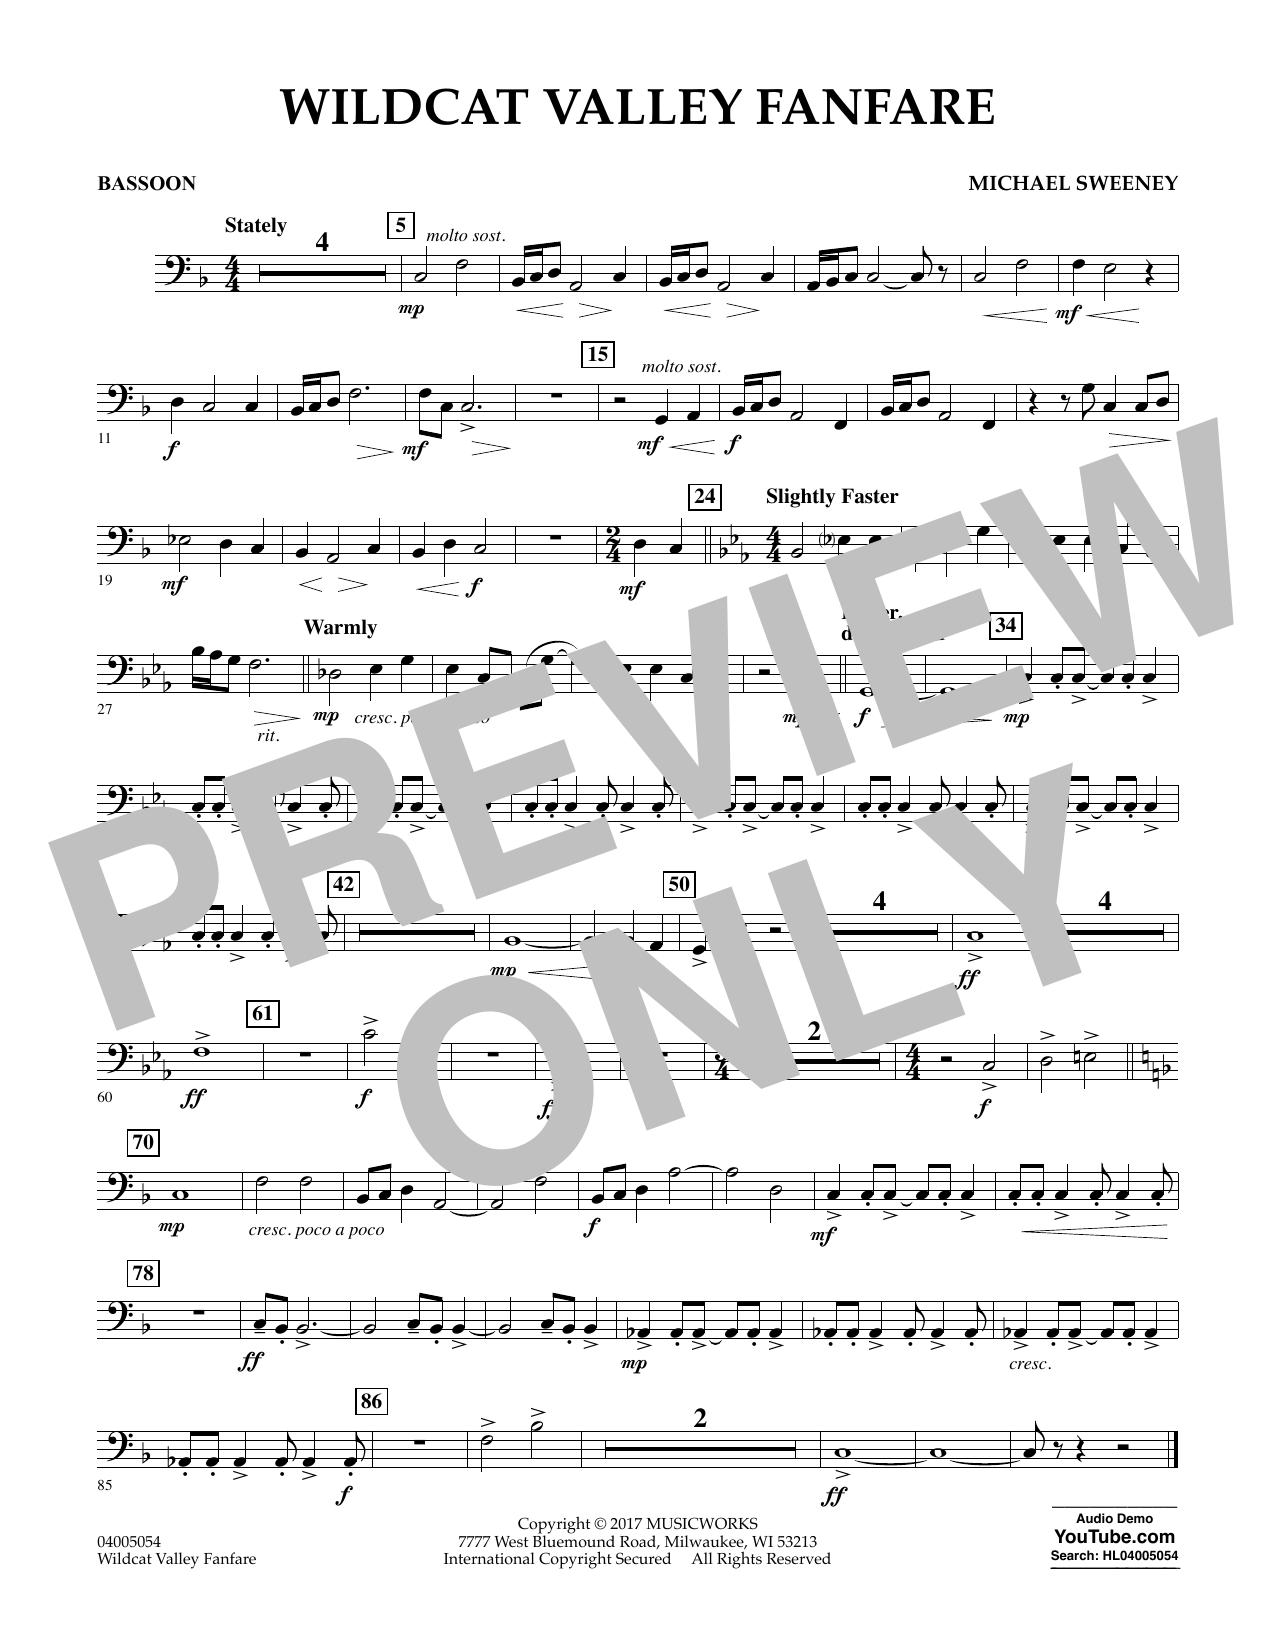 Wildcat Valley Fanfare - Bassoon Sheet Music